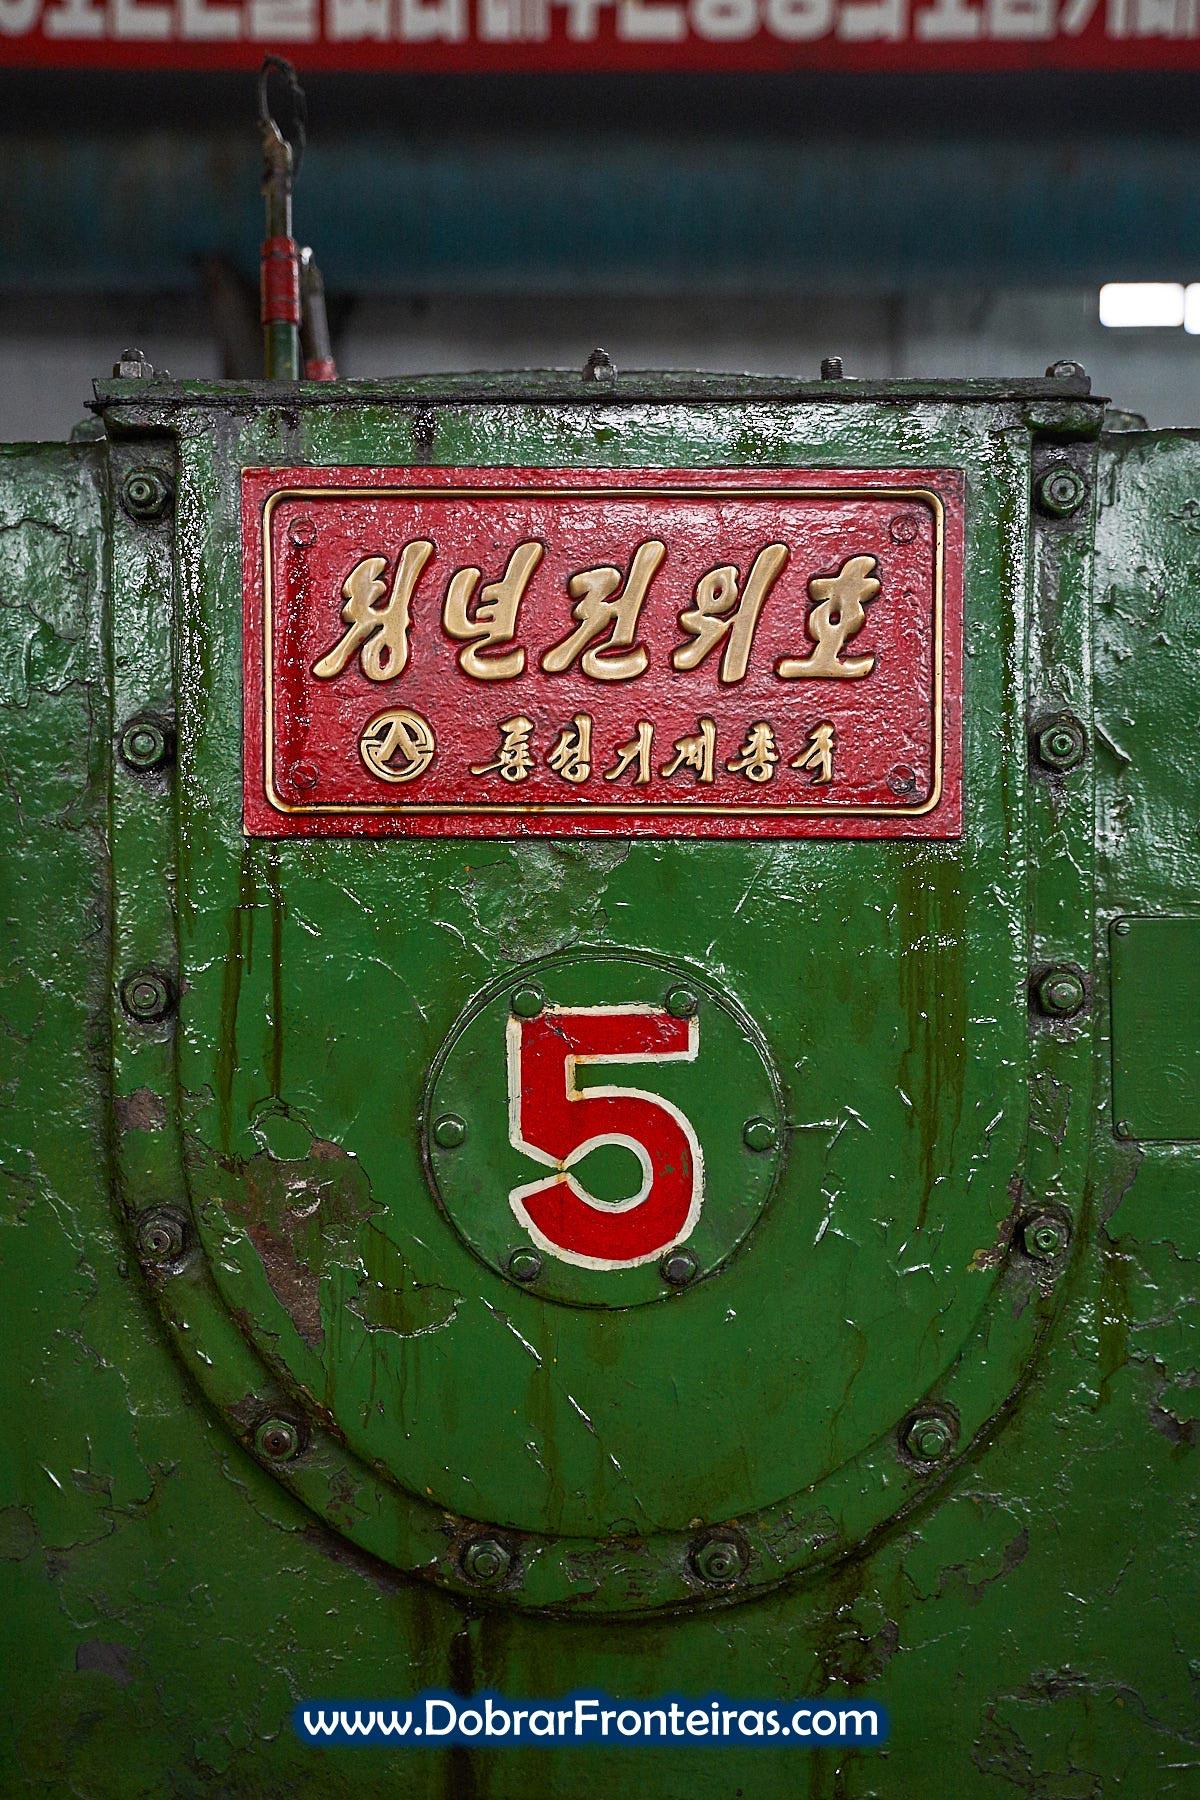 detalhe com número 5 em máquina verde em fábrica na Coreia do Norte